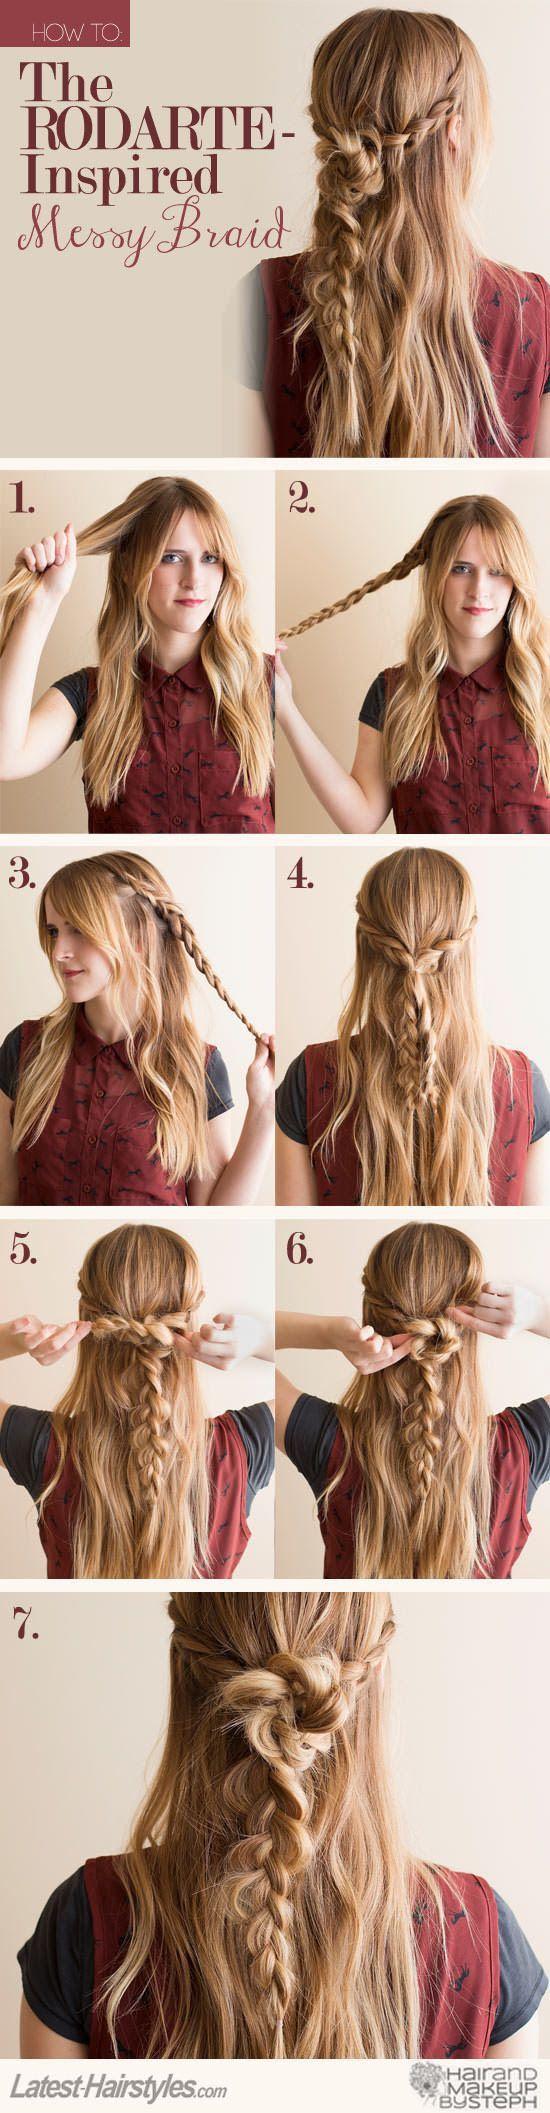 8 coiffures de sirène à adopter | Astuces de filles